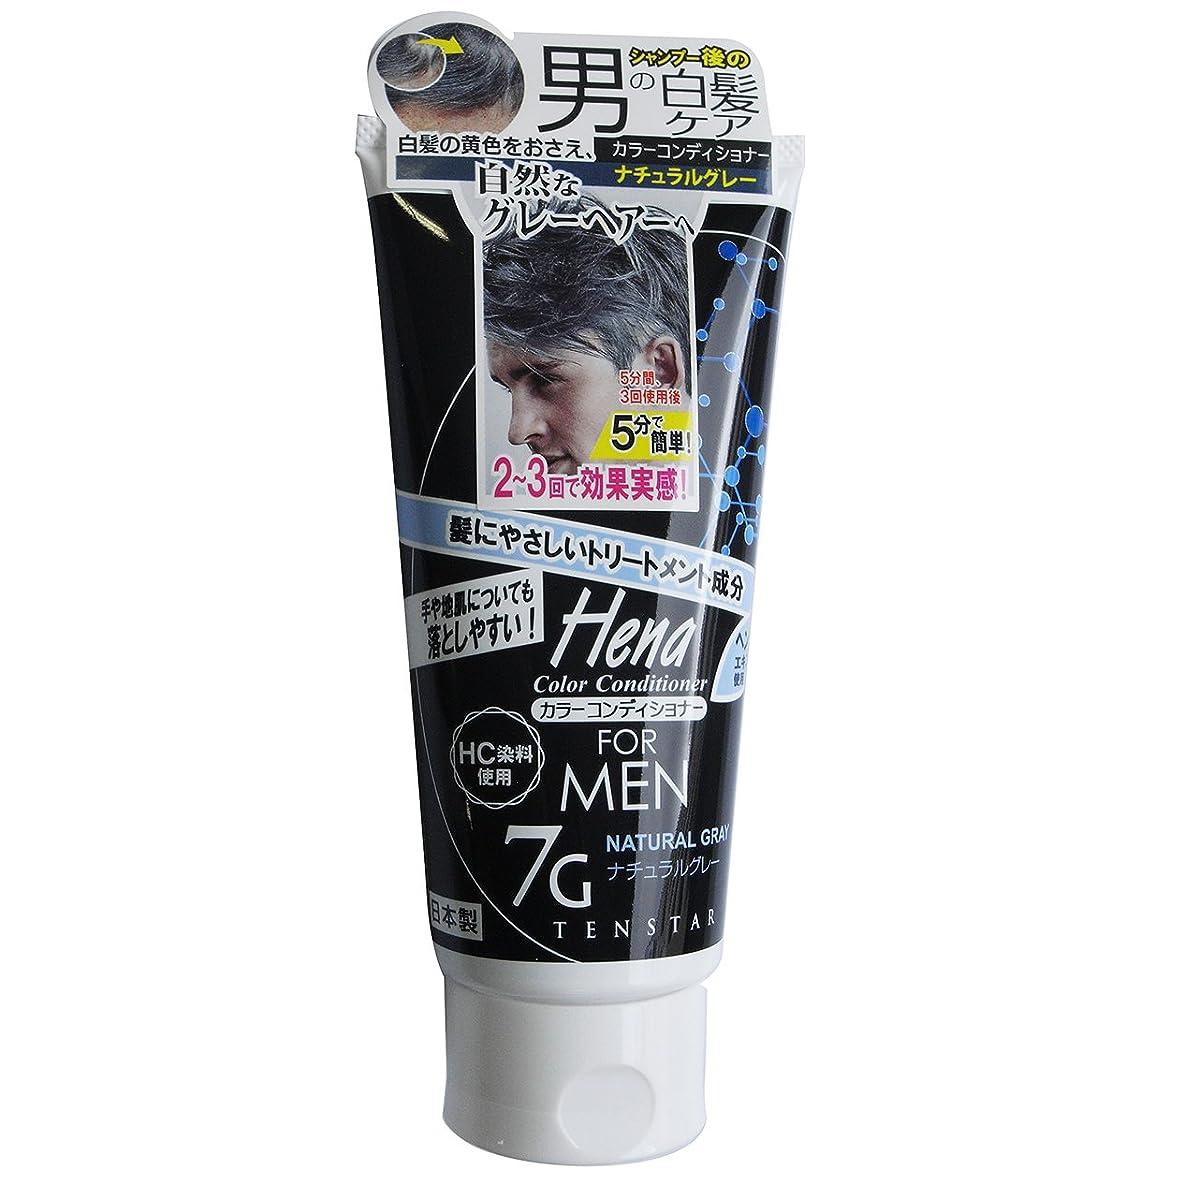 ボリューム多分冷ややかなテンスター カラーコンディショナー for MEN ナチュラルグレー 178g